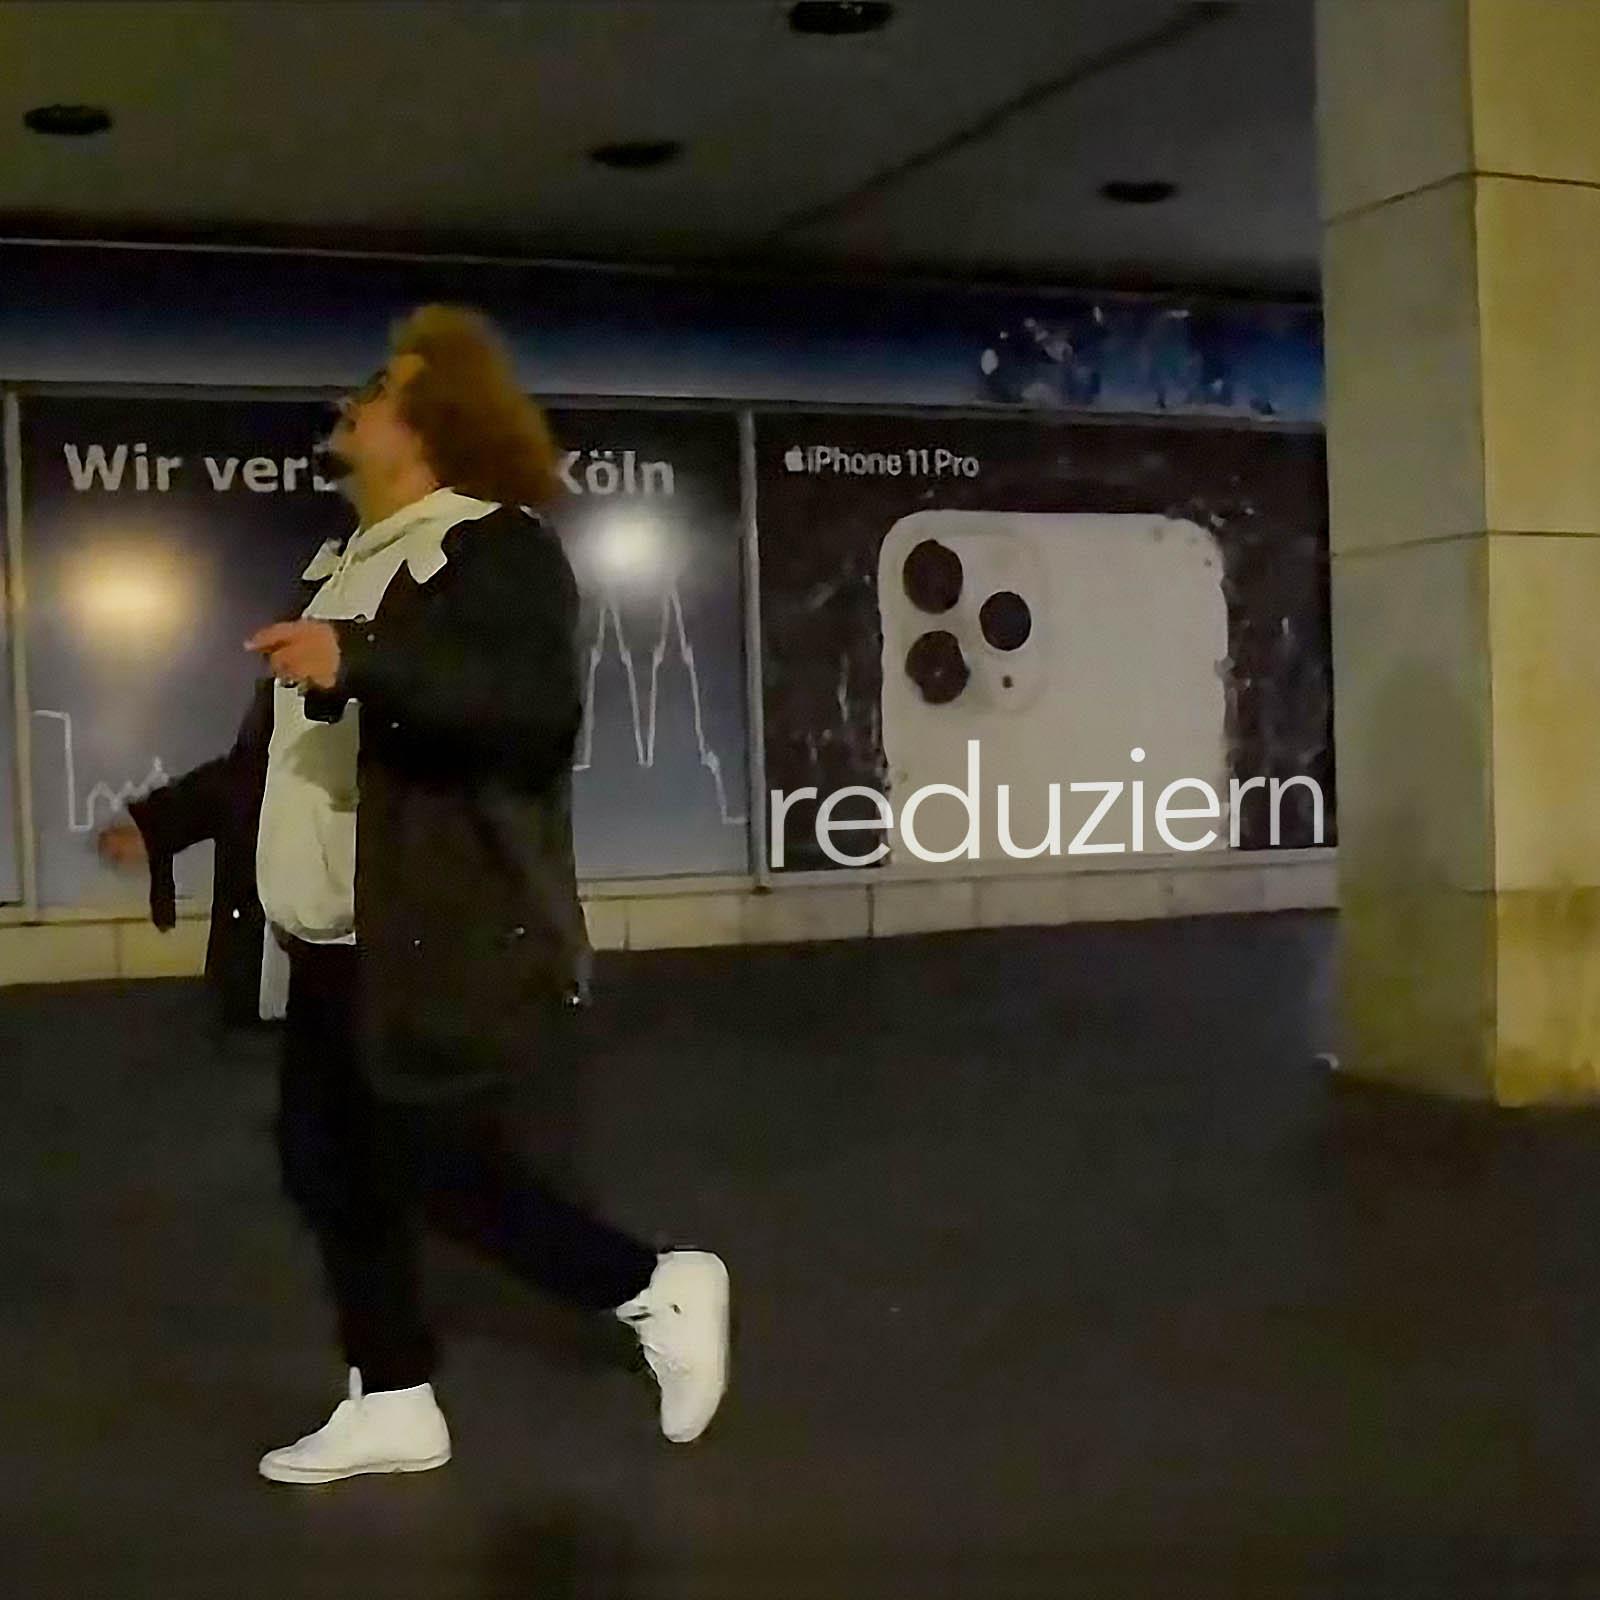 Upcoming: Jaaas - Reduziern (VIDEO)